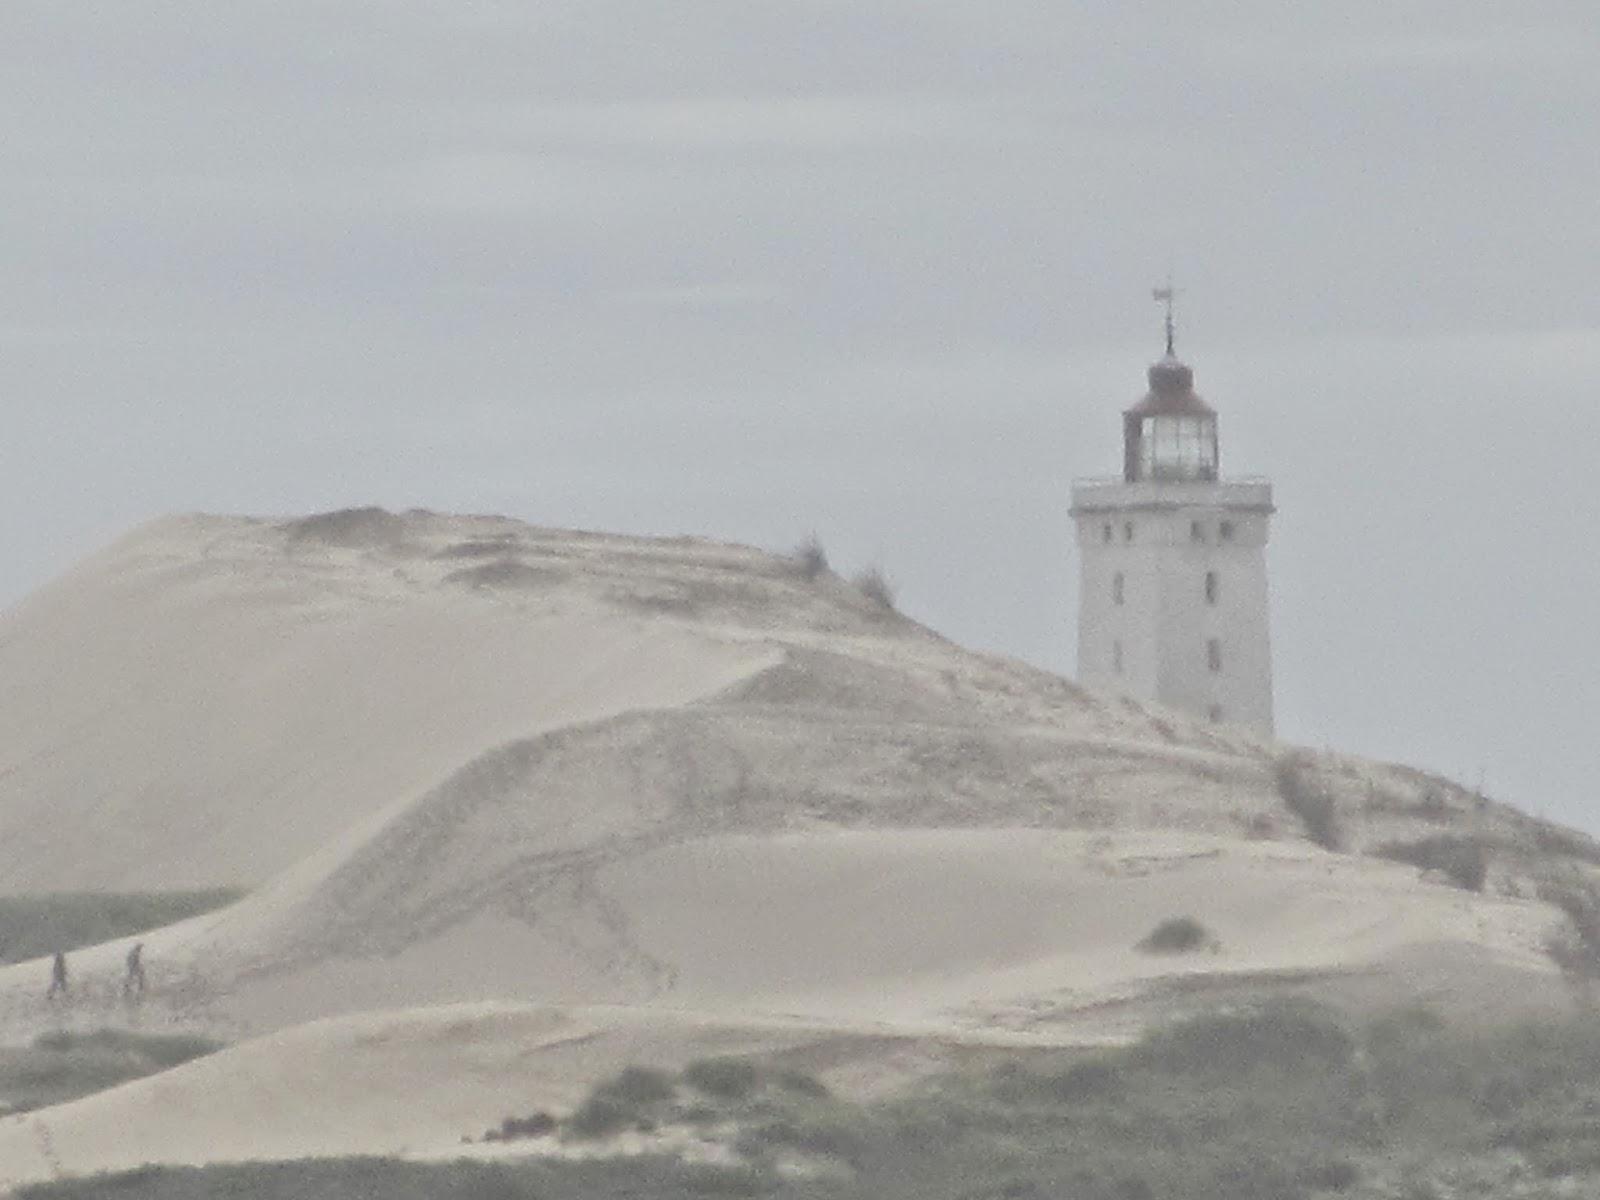 Thy Dänemark -inside-: Die Geschichte vom versandten Leuchtturm